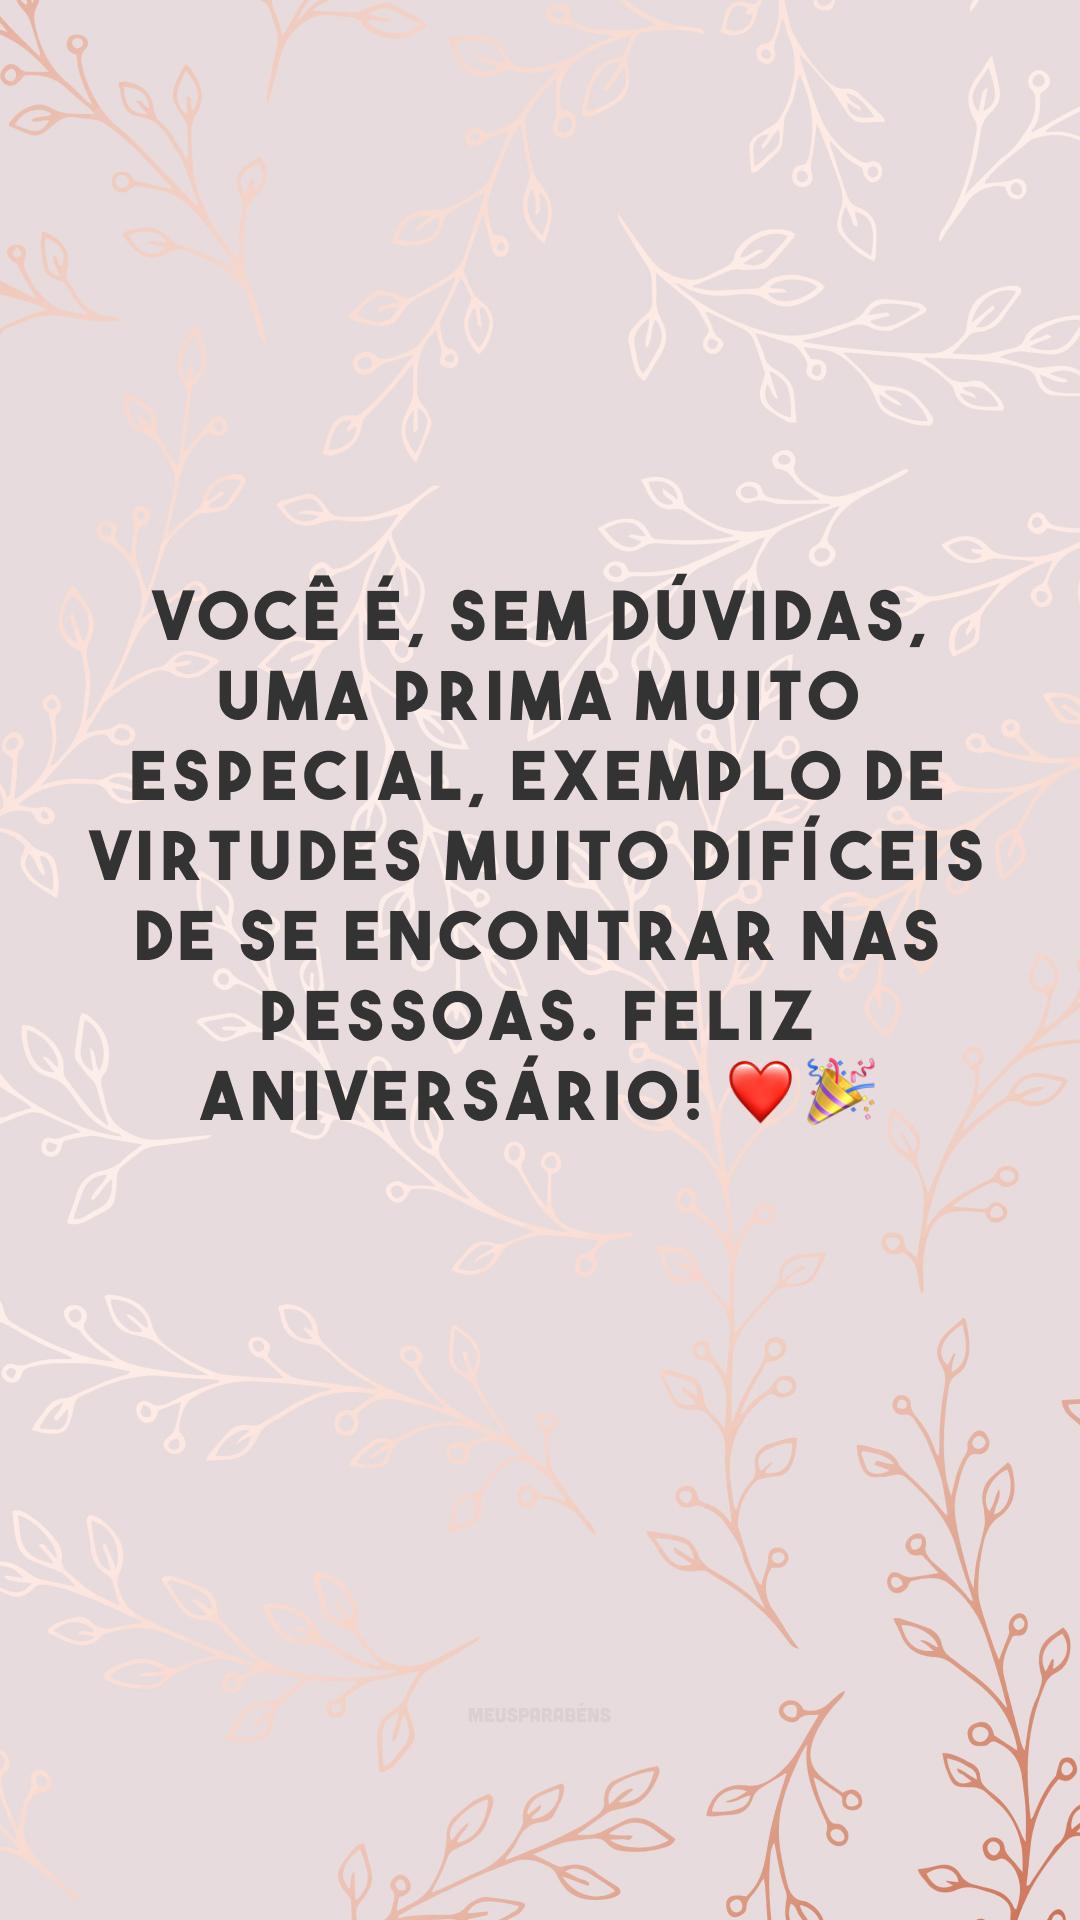 Você é, sem dúvidas, uma prima muito especial, exemplo de virtudes muito difíceis de se encontrar nas pessoas. Feliz aniversário! ❤️🎉